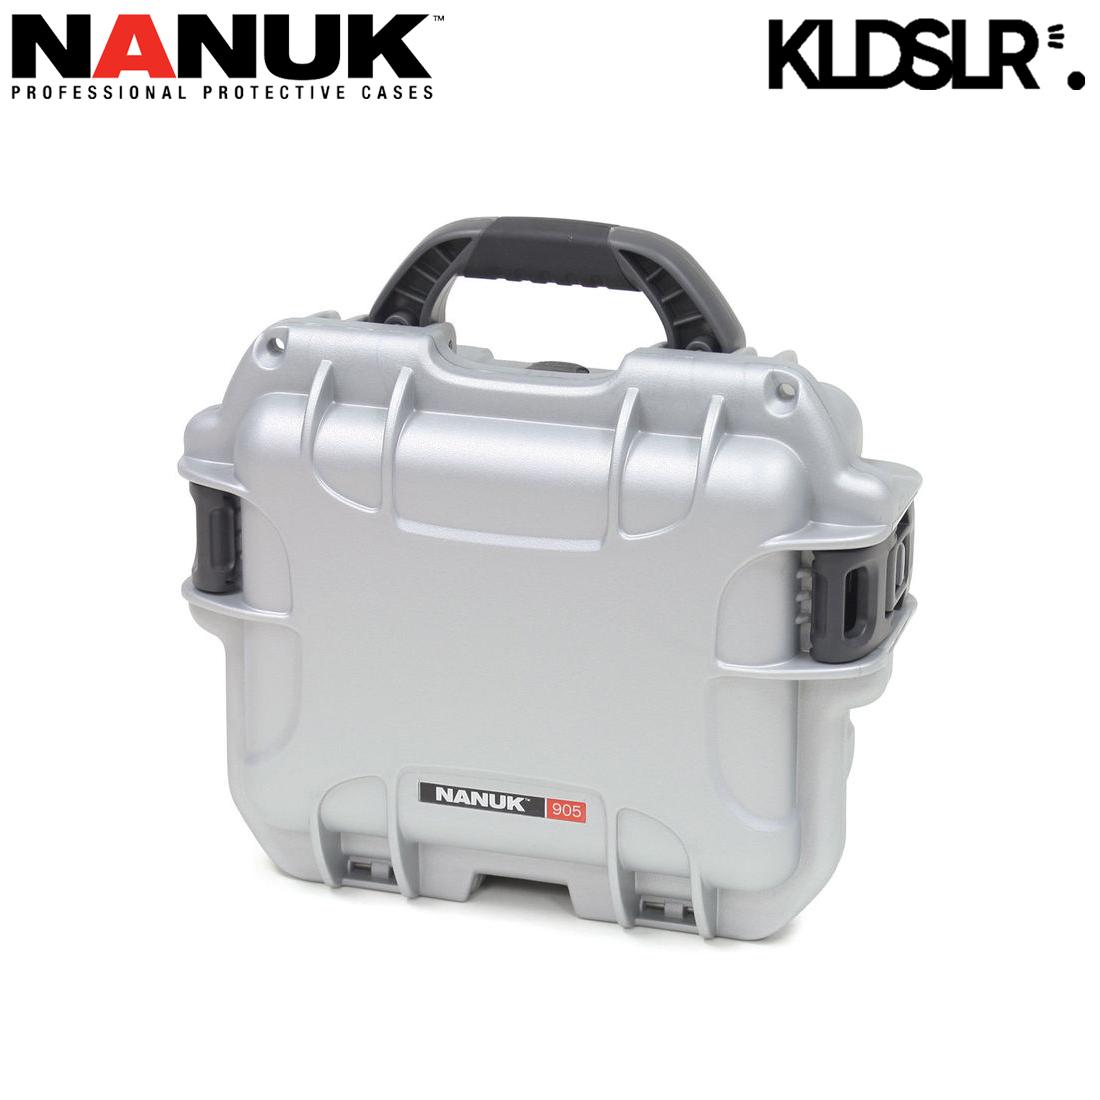 Nanuk 905 Waterproof Hard Case With Foam Lowepro Toploader Zoom 45 Aw Ii Black